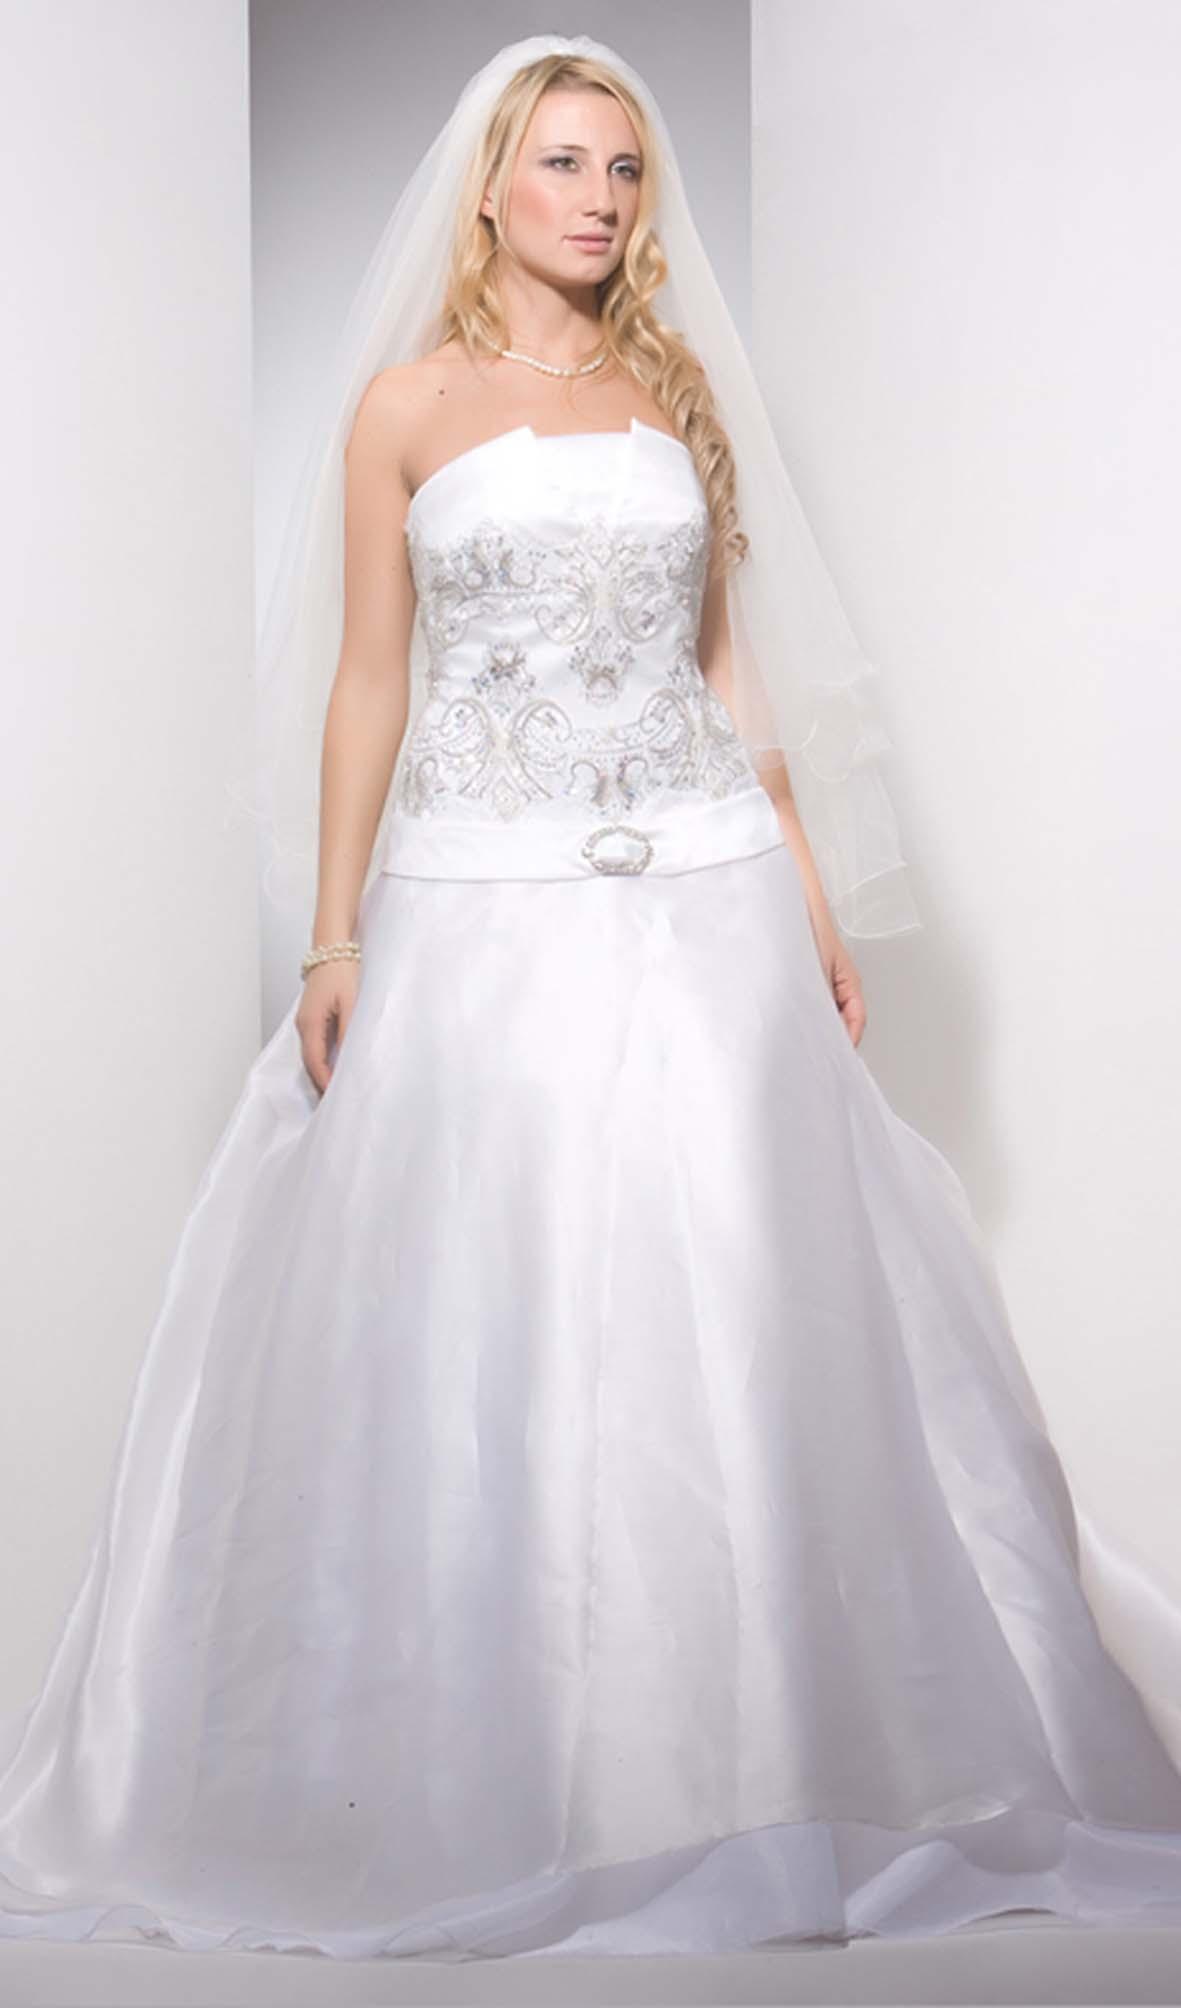 2750ab78ce91 Abiti da sposa le spose di michelle roma – Modelli alla moda di ...